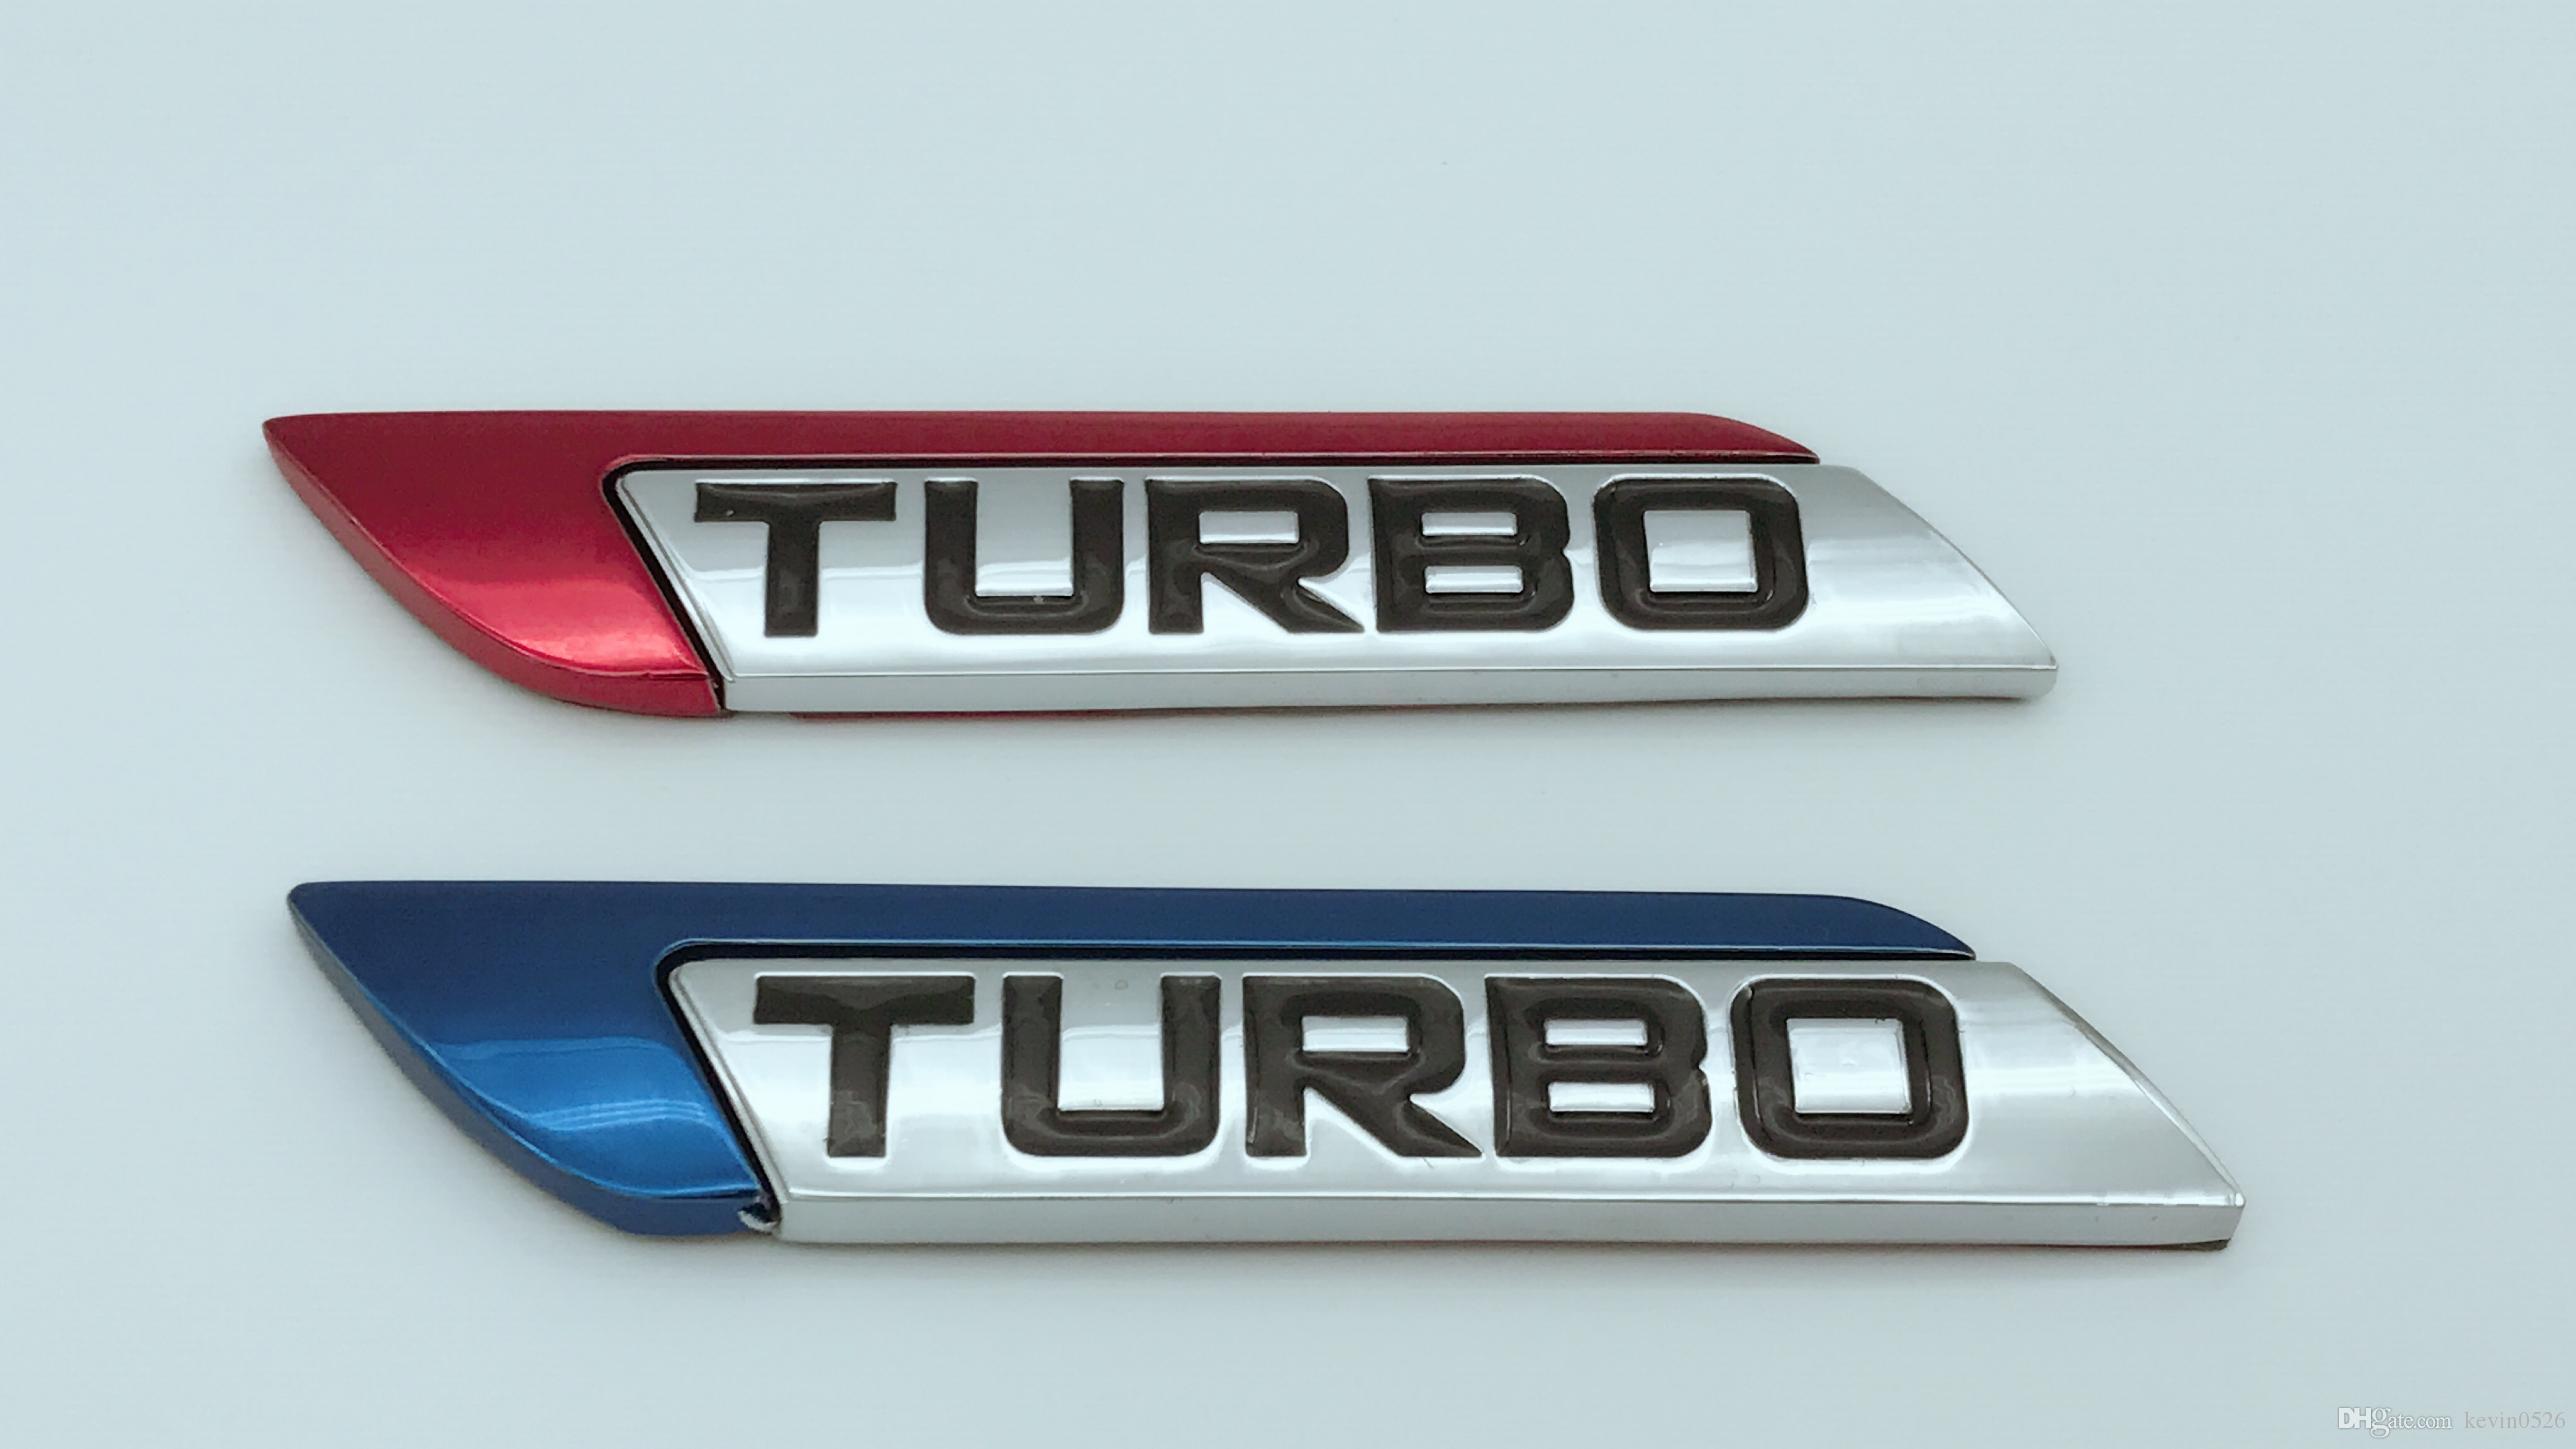 Novo Vermelho / Azul Turbo Logotipo 3D Metal Car Auto SUV Corpo Fender Emblema Emblema Decalque Adesivo